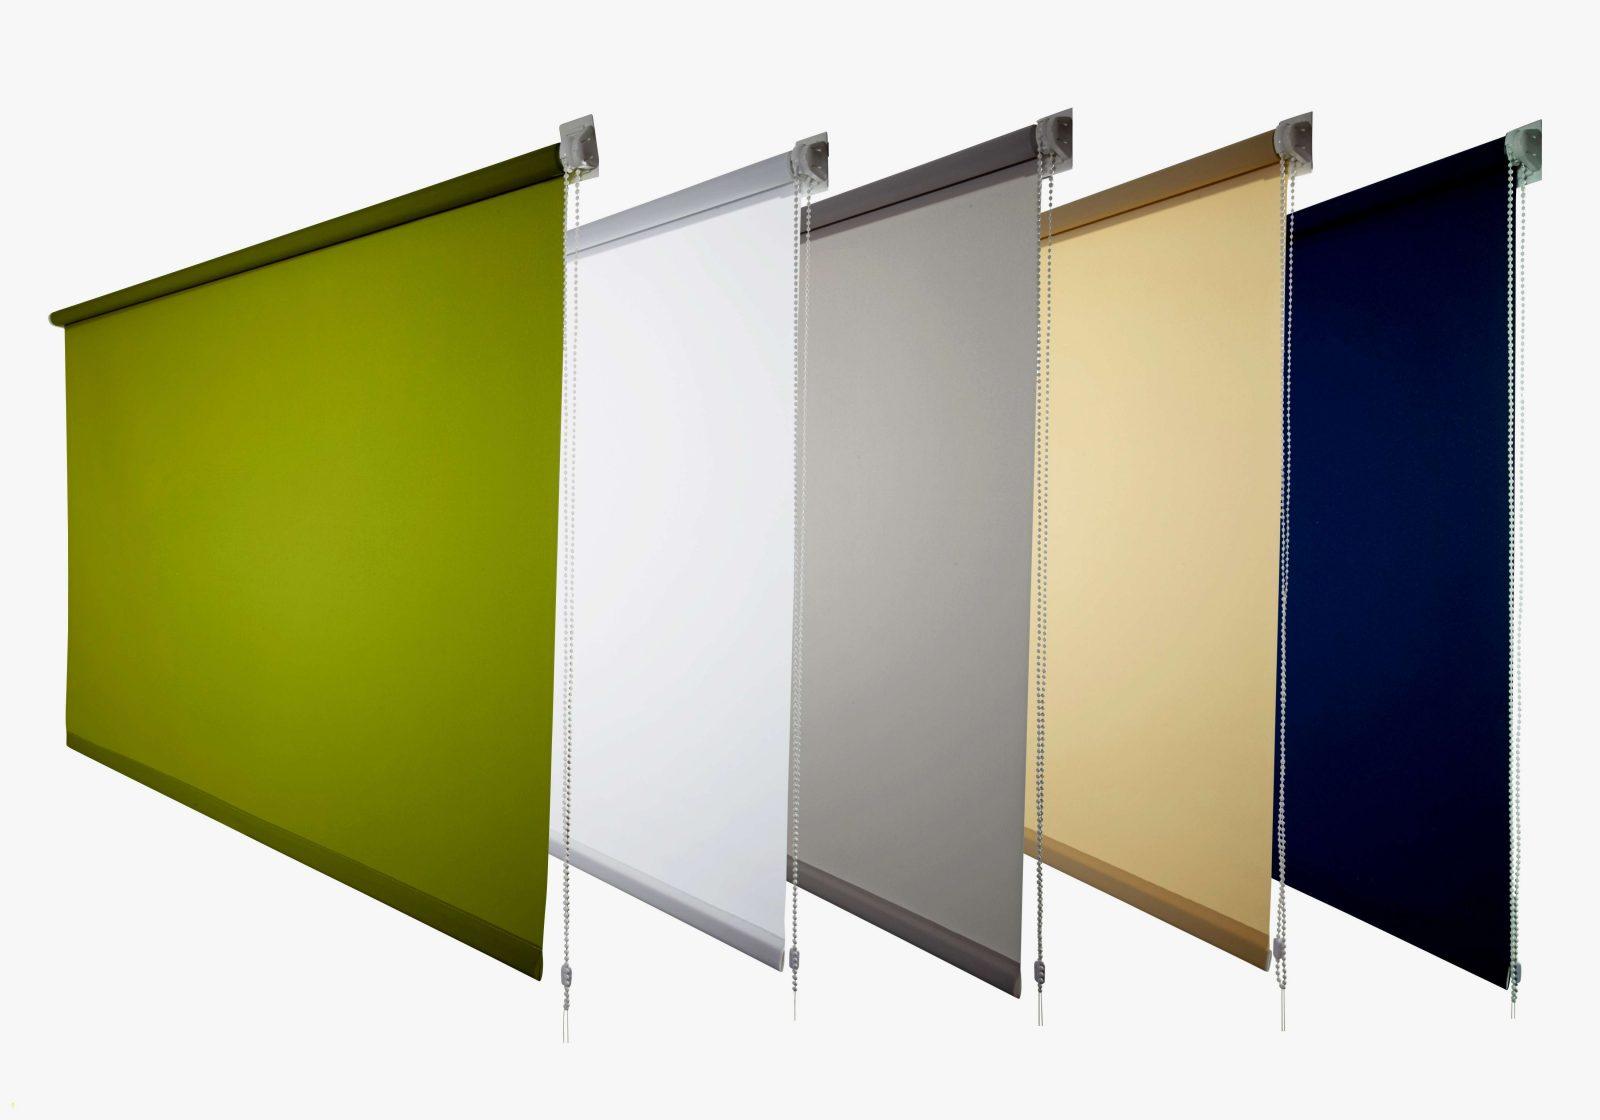 59 Einzigartig Für Balkon Sichtschutz Ohne Bohren Konzept von Sichtschutz Für Balkon Ohne Bohren Photo